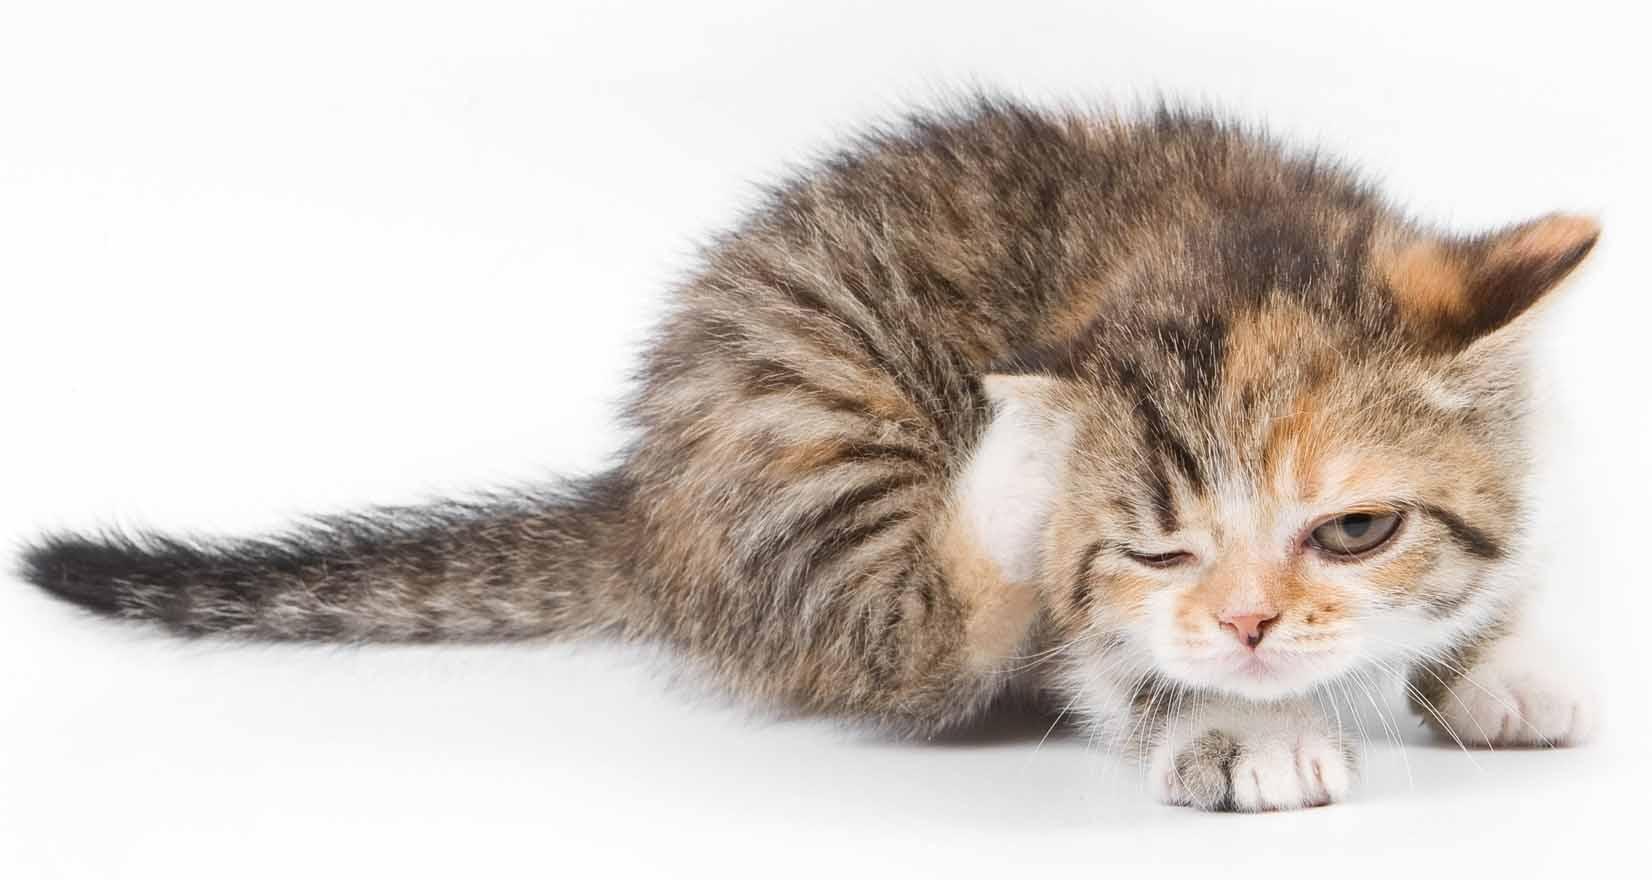 У животных блохи могут вызвать гельминтоз и различные инфекционные заболевания